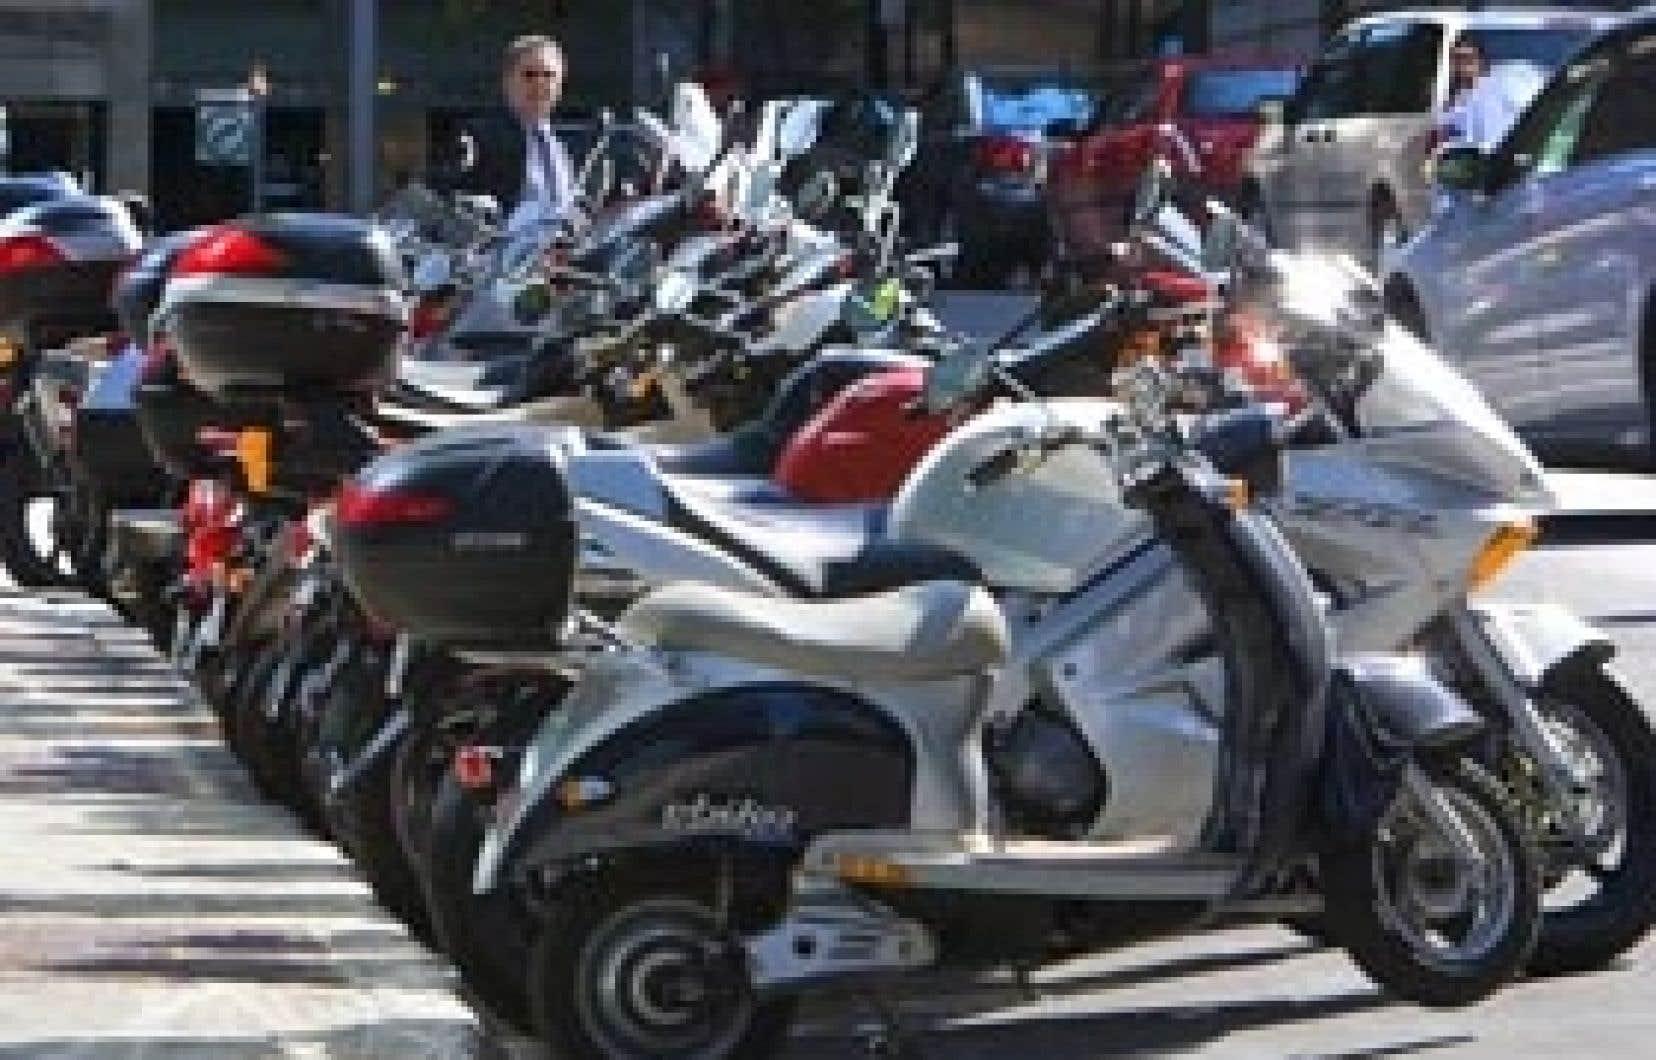 À Montréal, où on multiplie les espaces sans voiture aux intersections, personne n'a encore pensé à y autoriser le stationnement gratuit des motos, ce qui se fait déjà en Europe.